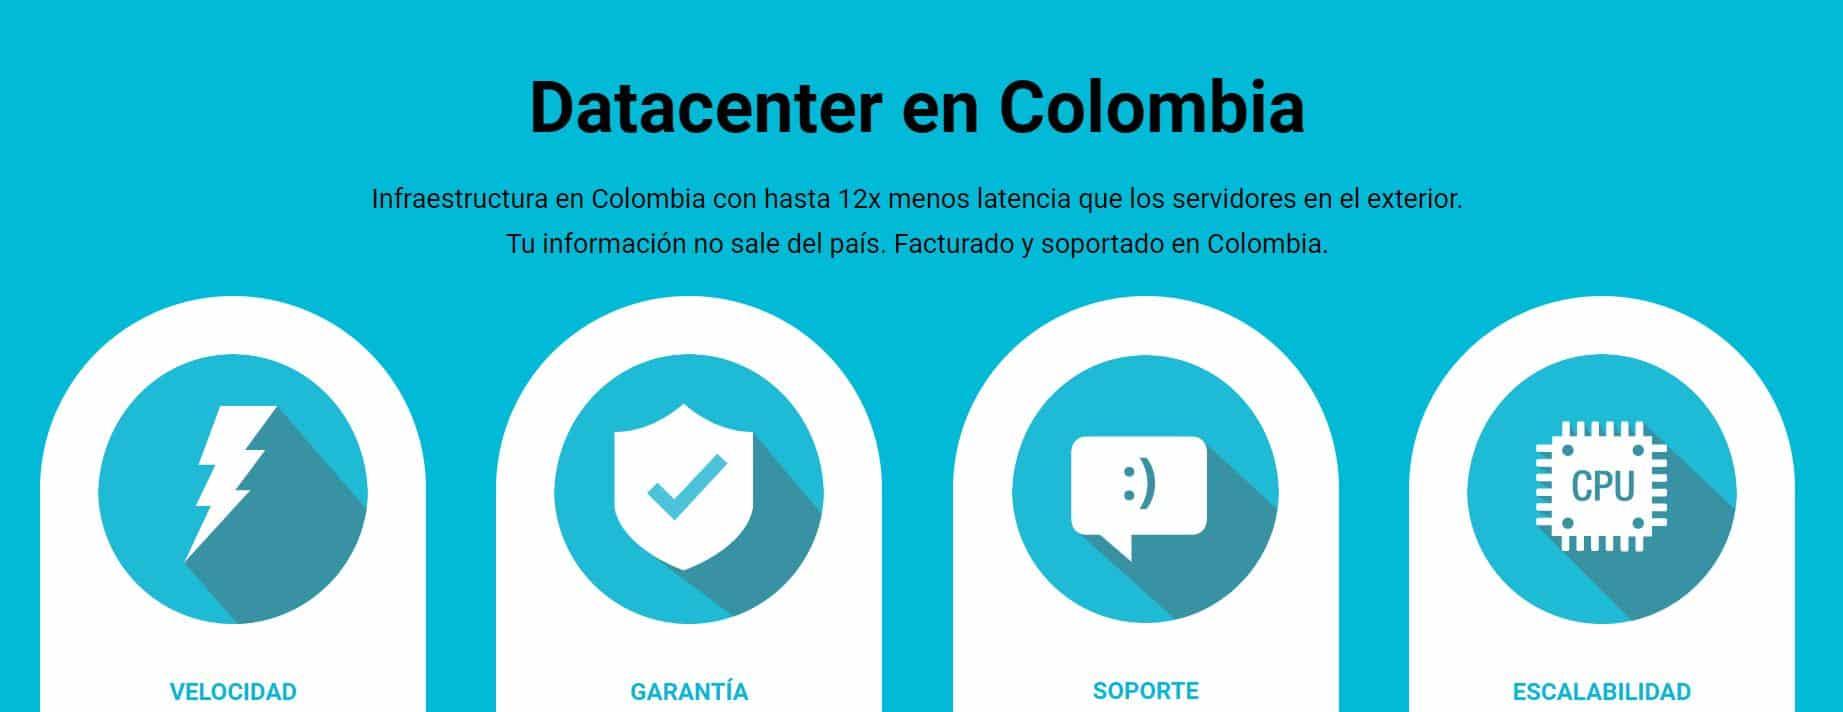 Los servicios de los hosting Colombia son variados en función del plan que adquieras.